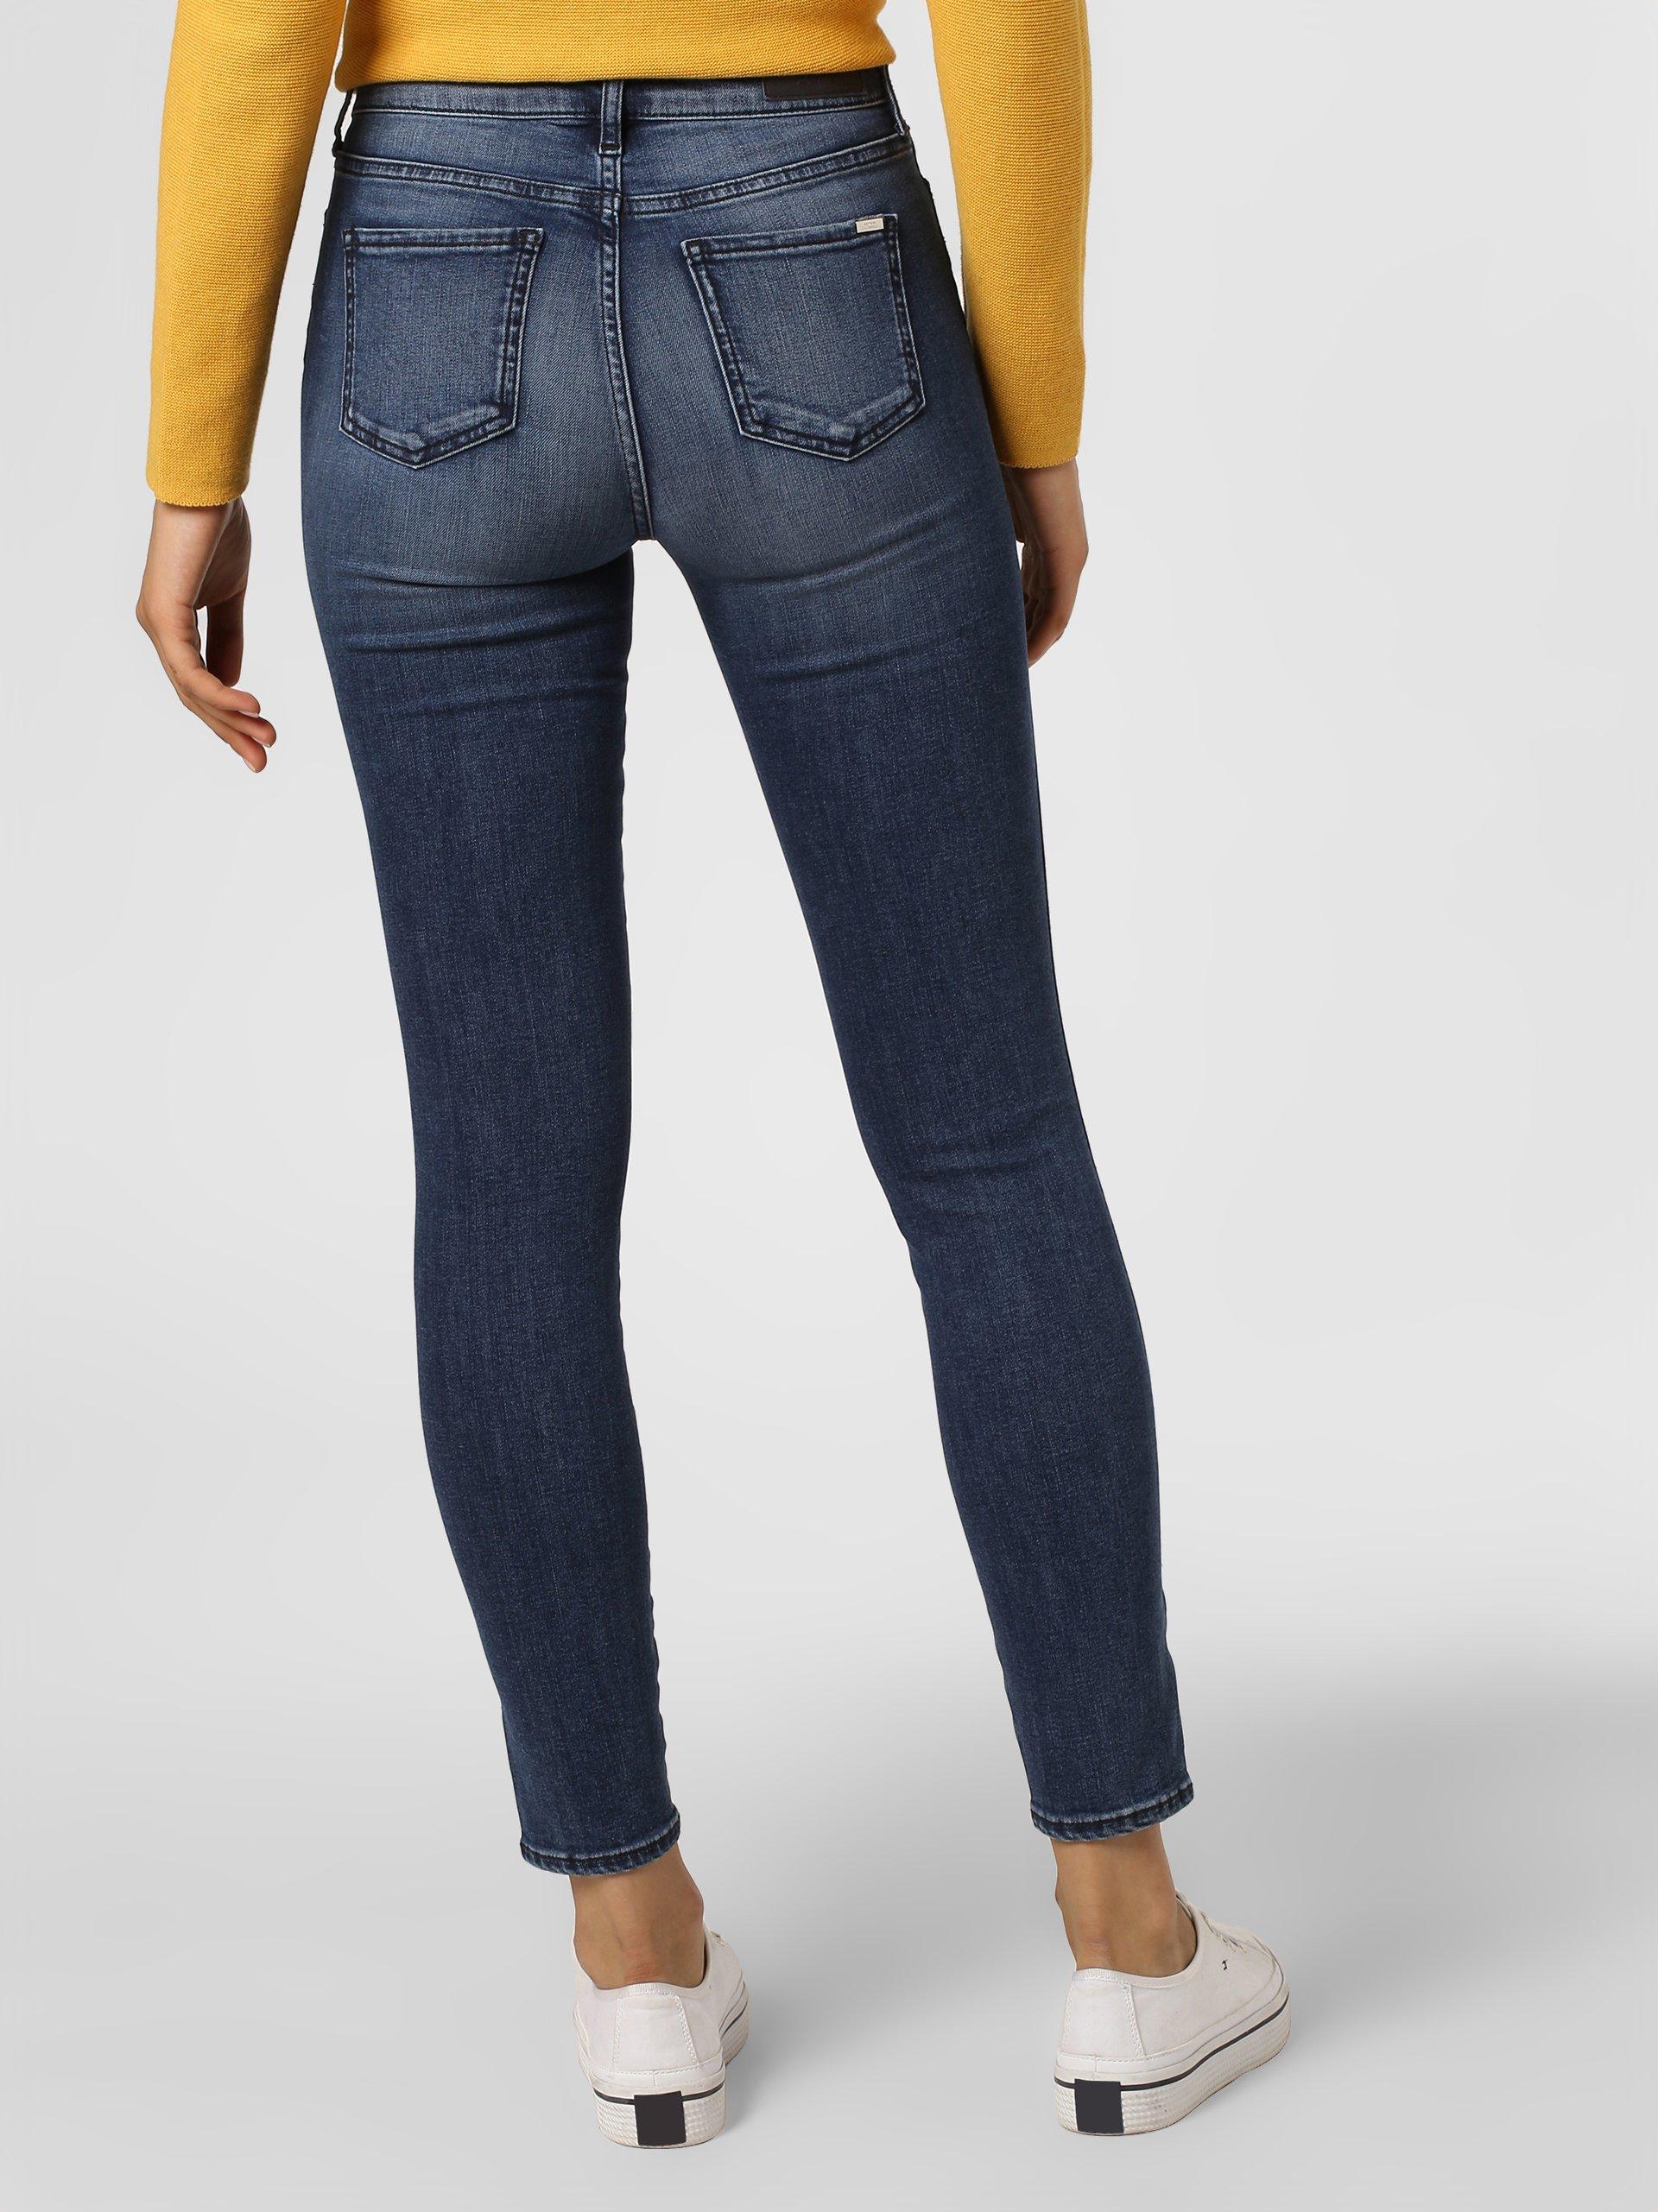 Armani Exchange Damen Jeans